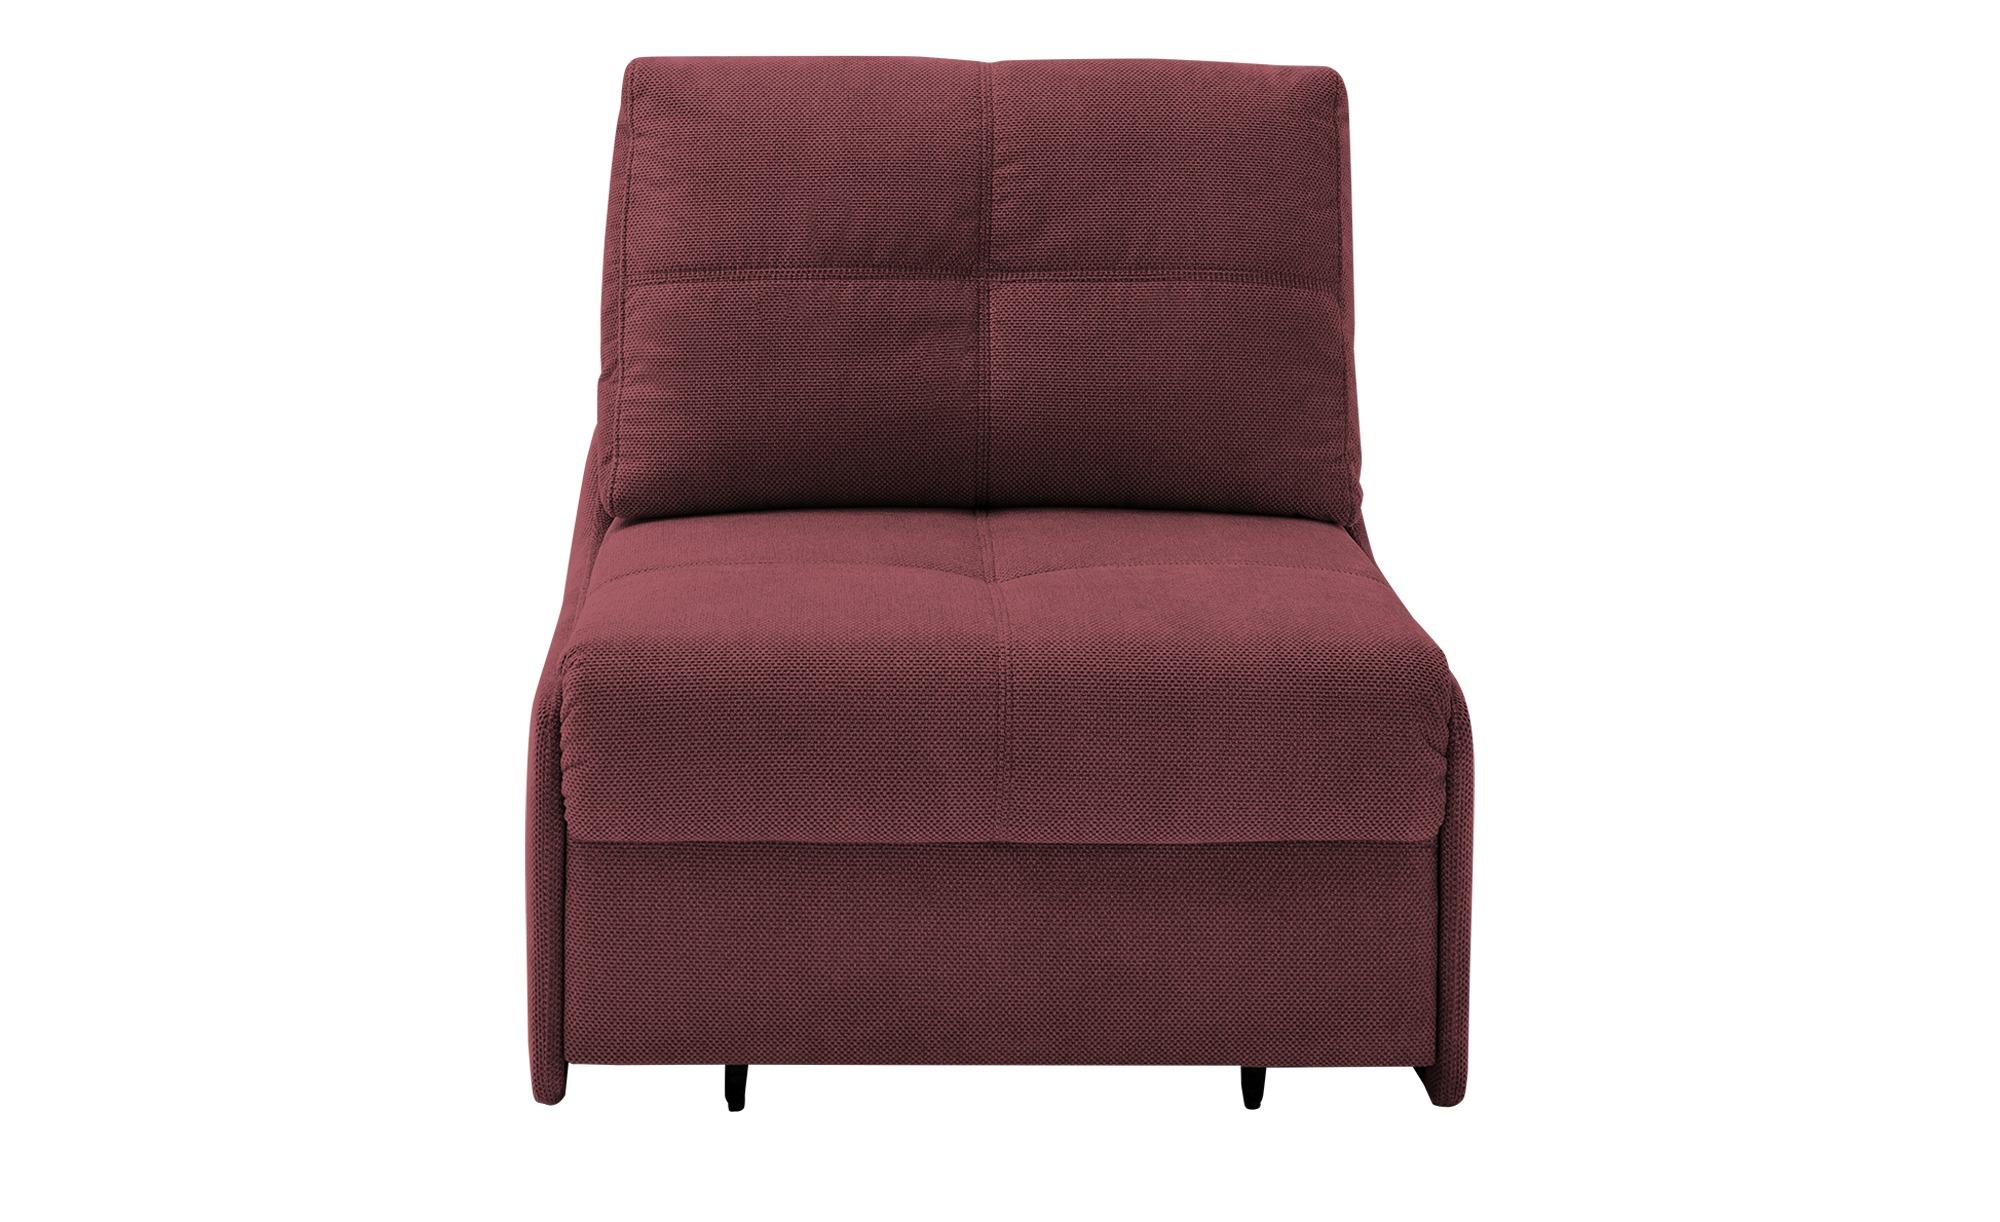 bobb Schlafsessel  Romina de Luxe ¦ rot ¦ Maße (cm): B: 88 H: 92 T: 103 Polstermöbel > Sofas > Einzelsofas - Höffner